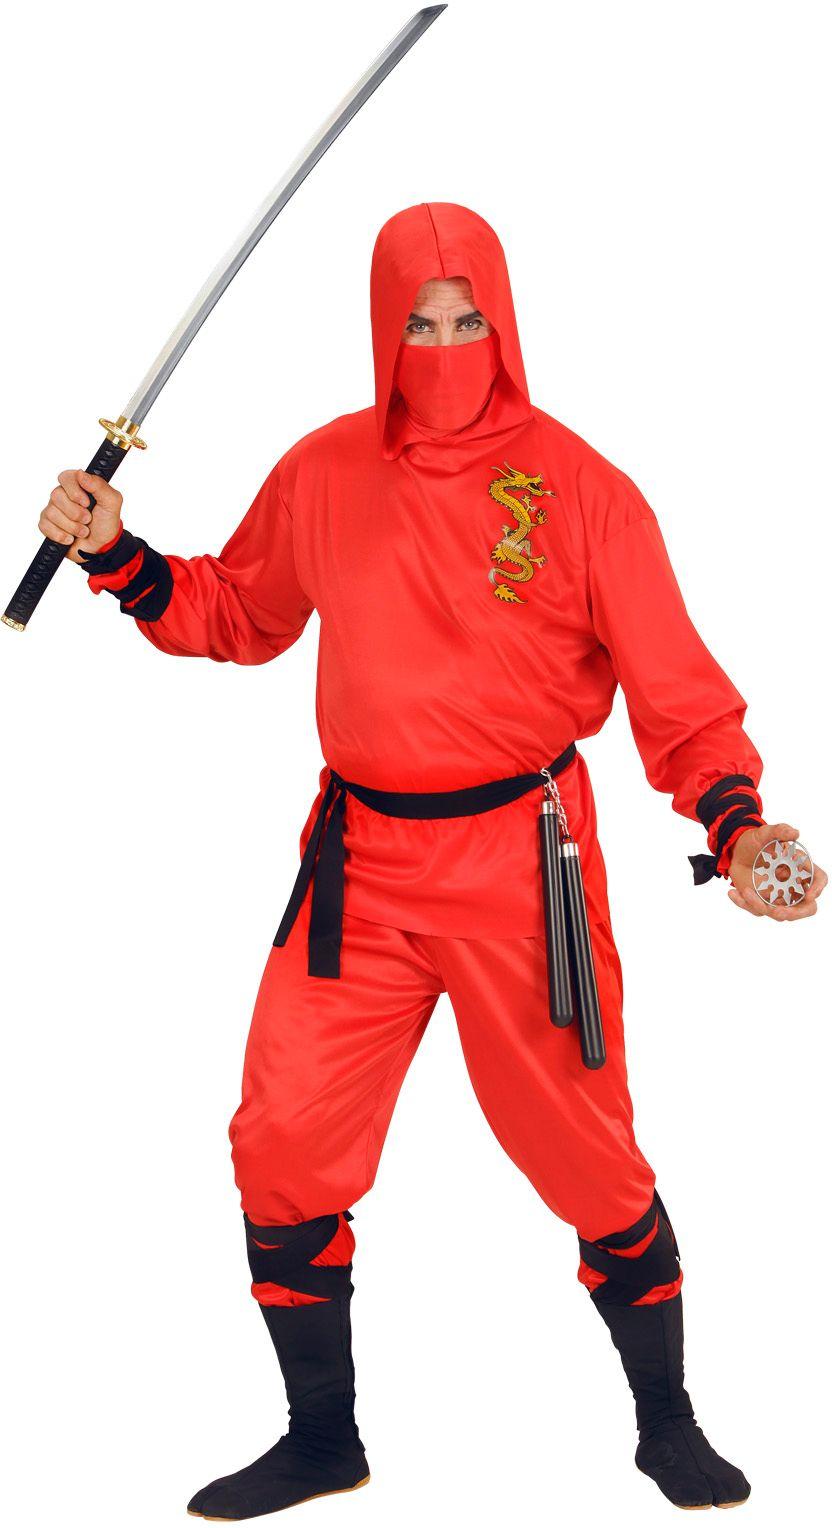 Ninja kleding rood